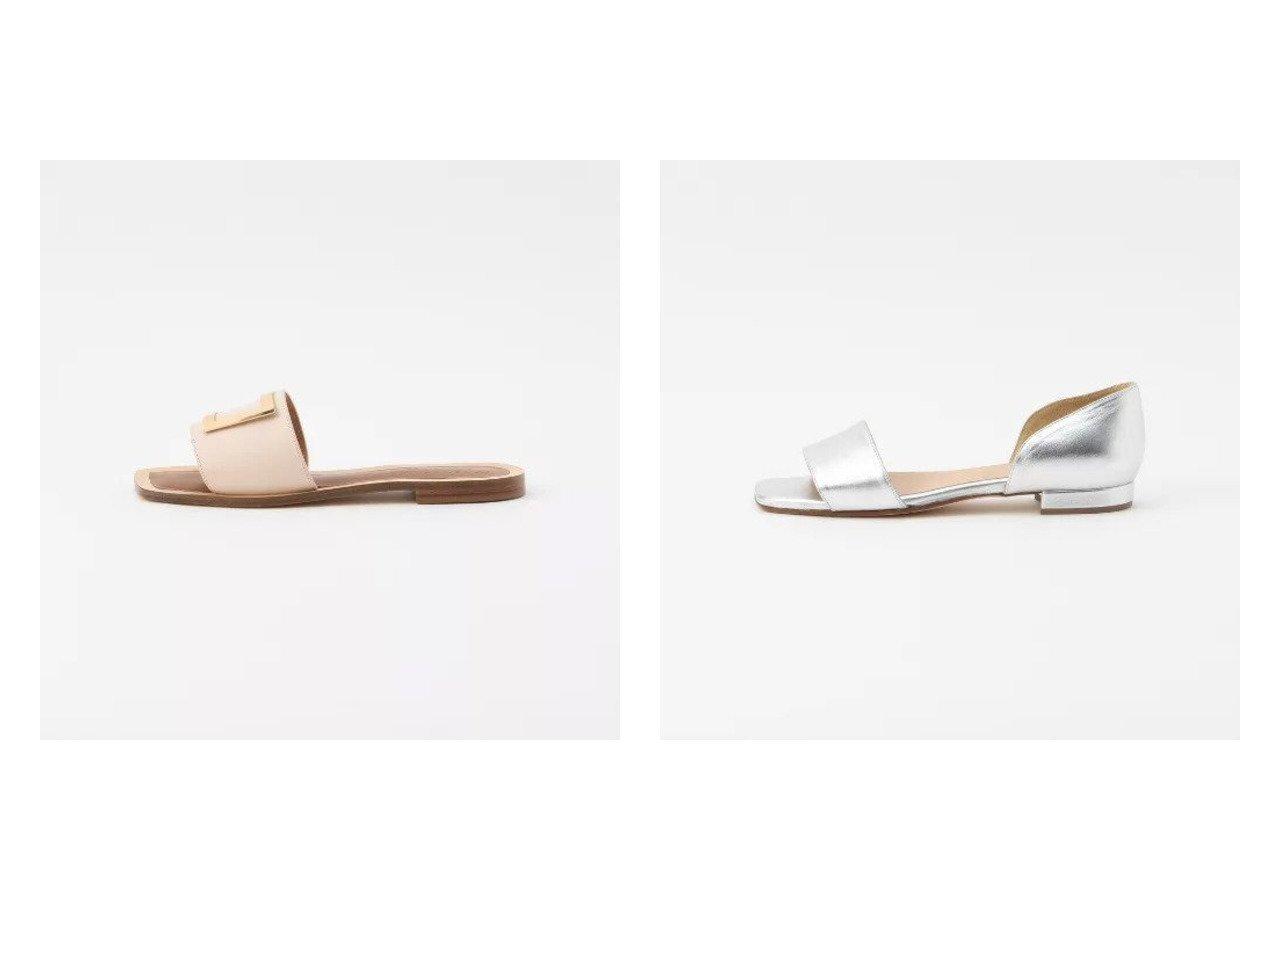 【EPOCA THE SHOP/エポカ ザ ショップ】の【CORSO ROMA,9】スクエアメタルサンダル&【CORSO ROMA,9】メタリックフラットサンダル 【シューズ・靴】おすすめ!人気、トレンド・レディースファッションの通販 おすすめで人気の流行・トレンド、ファッションの通販商品 メンズファッション・キッズファッション・インテリア・家具・レディースファッション・服の通販 founy(ファニー) https://founy.com/ ファッション Fashion レディースファッション WOMEN おすすめ Recommend イタリア サンダル シューズ シンプル スクエア トレンド メタル  ID:crp329100000029174